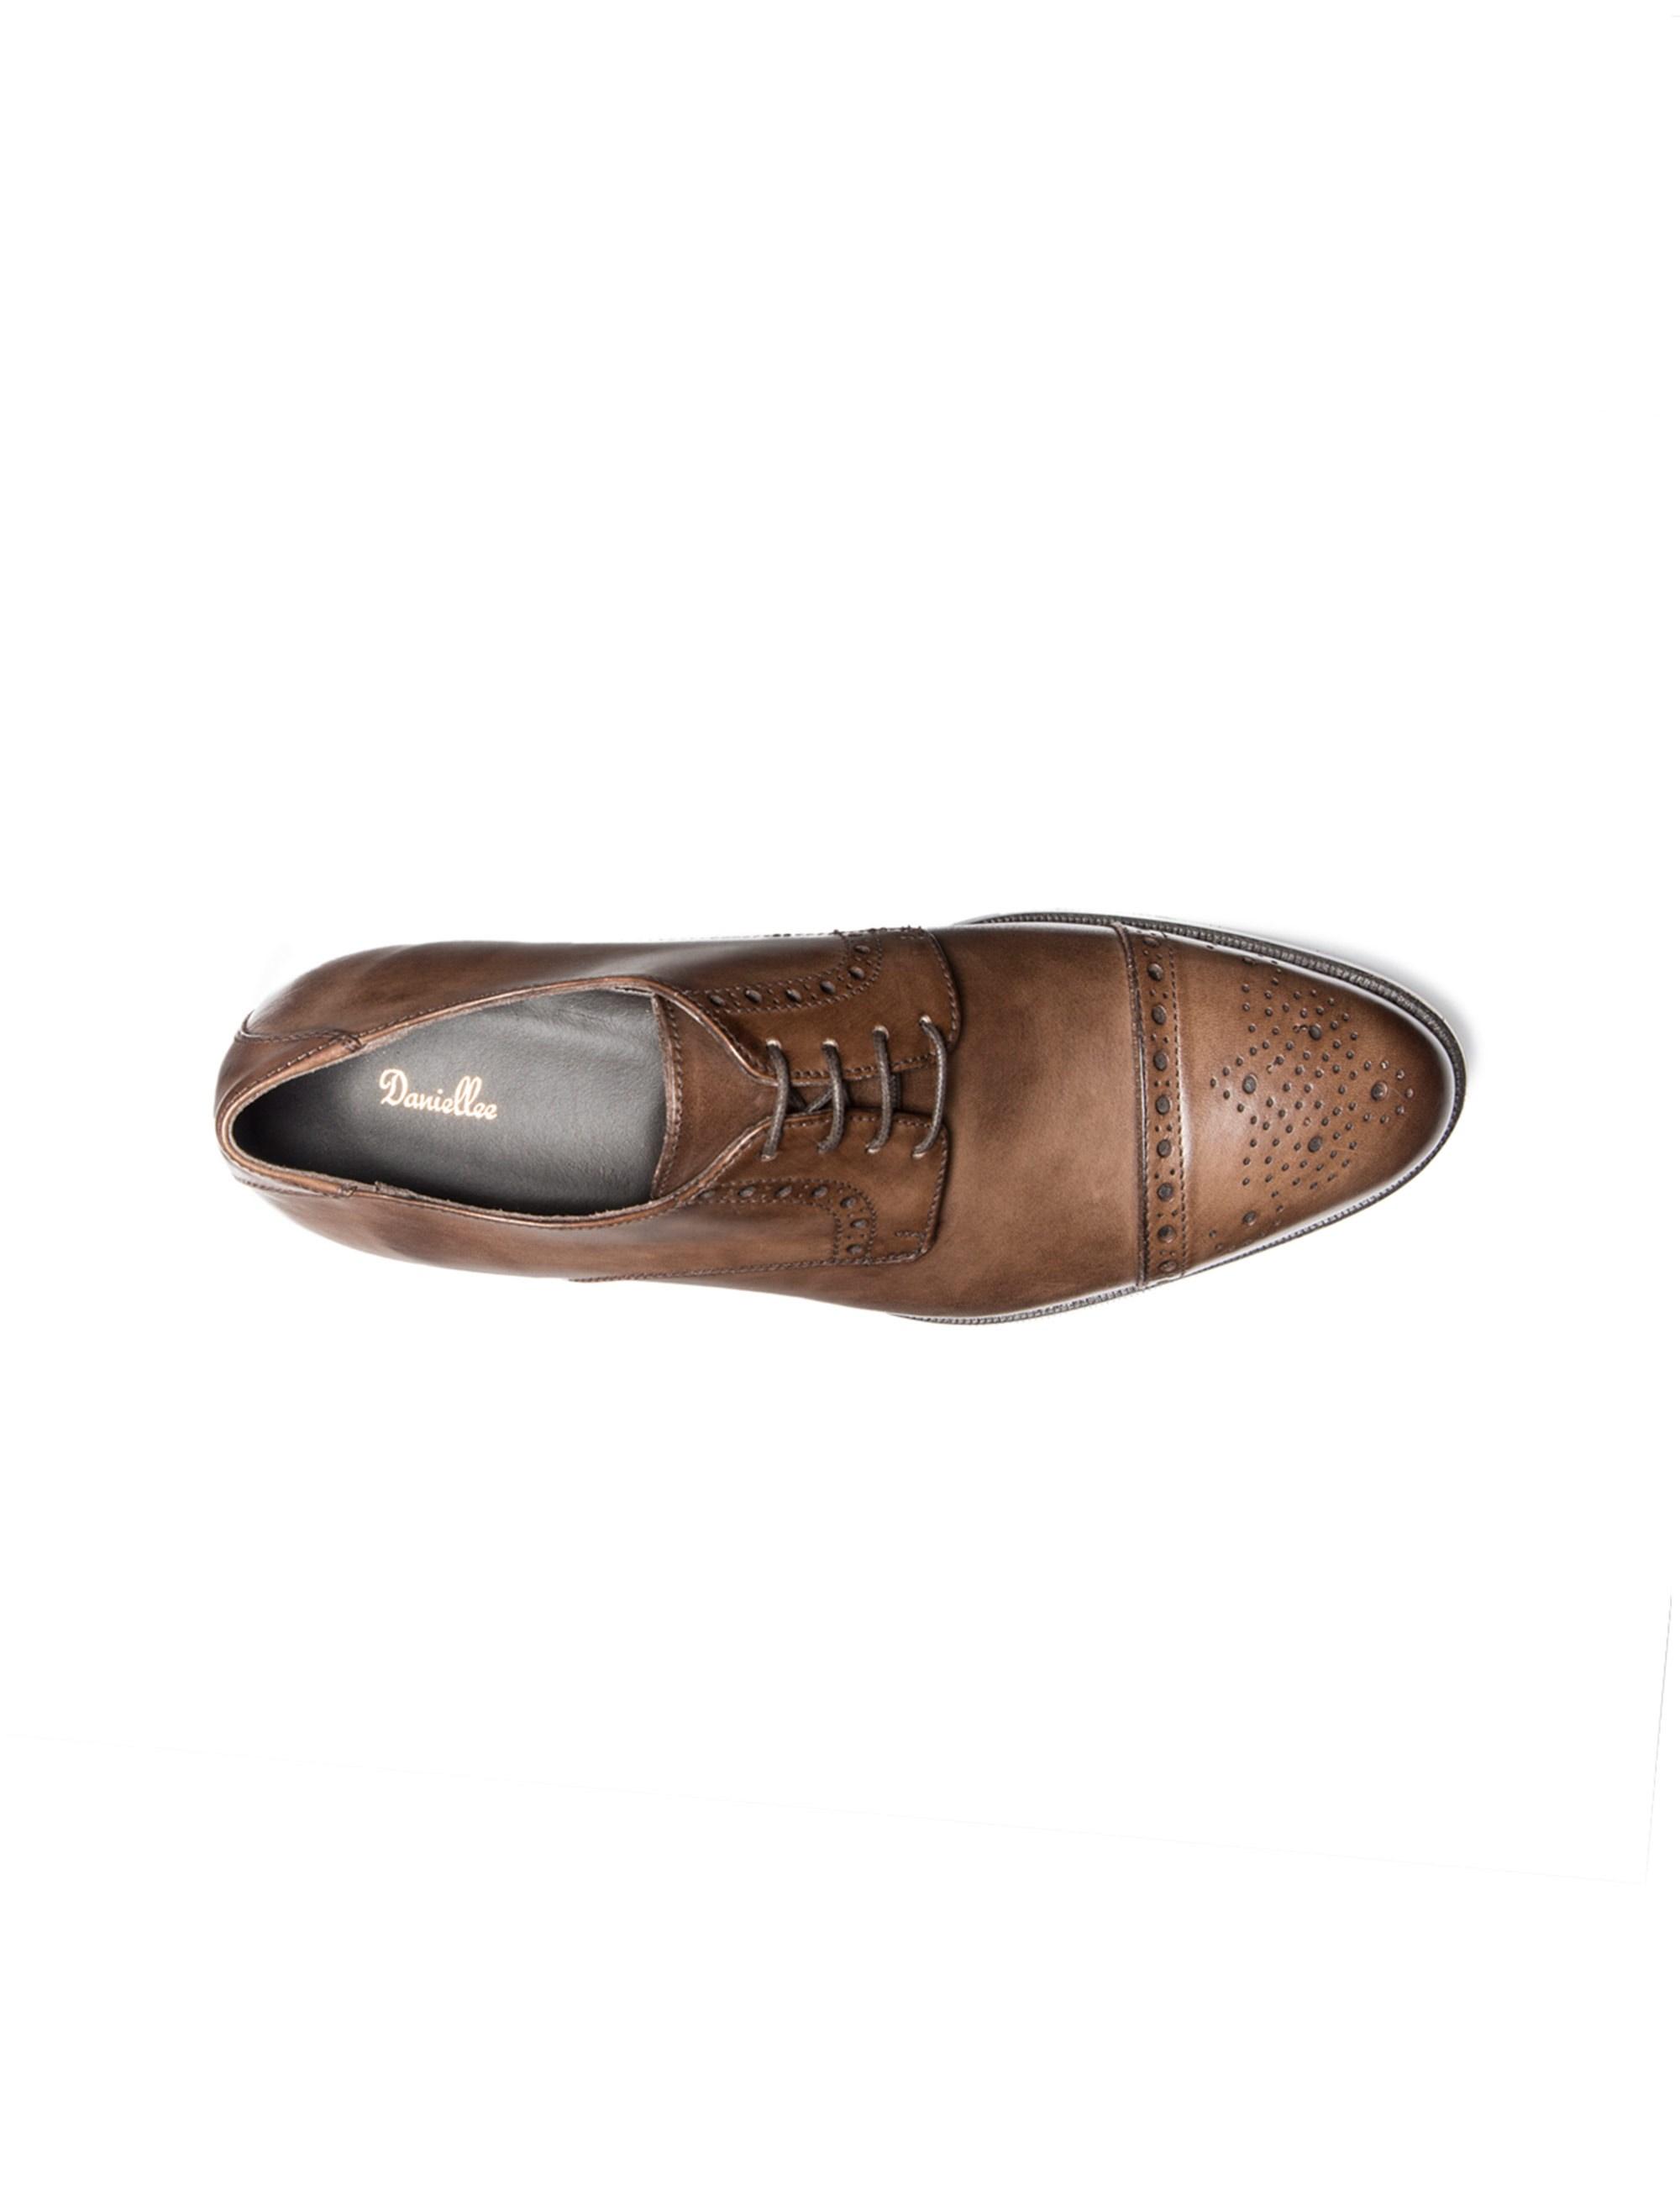 کفش رسمی چرم مردانه Alfonso - قهوه اي - 2